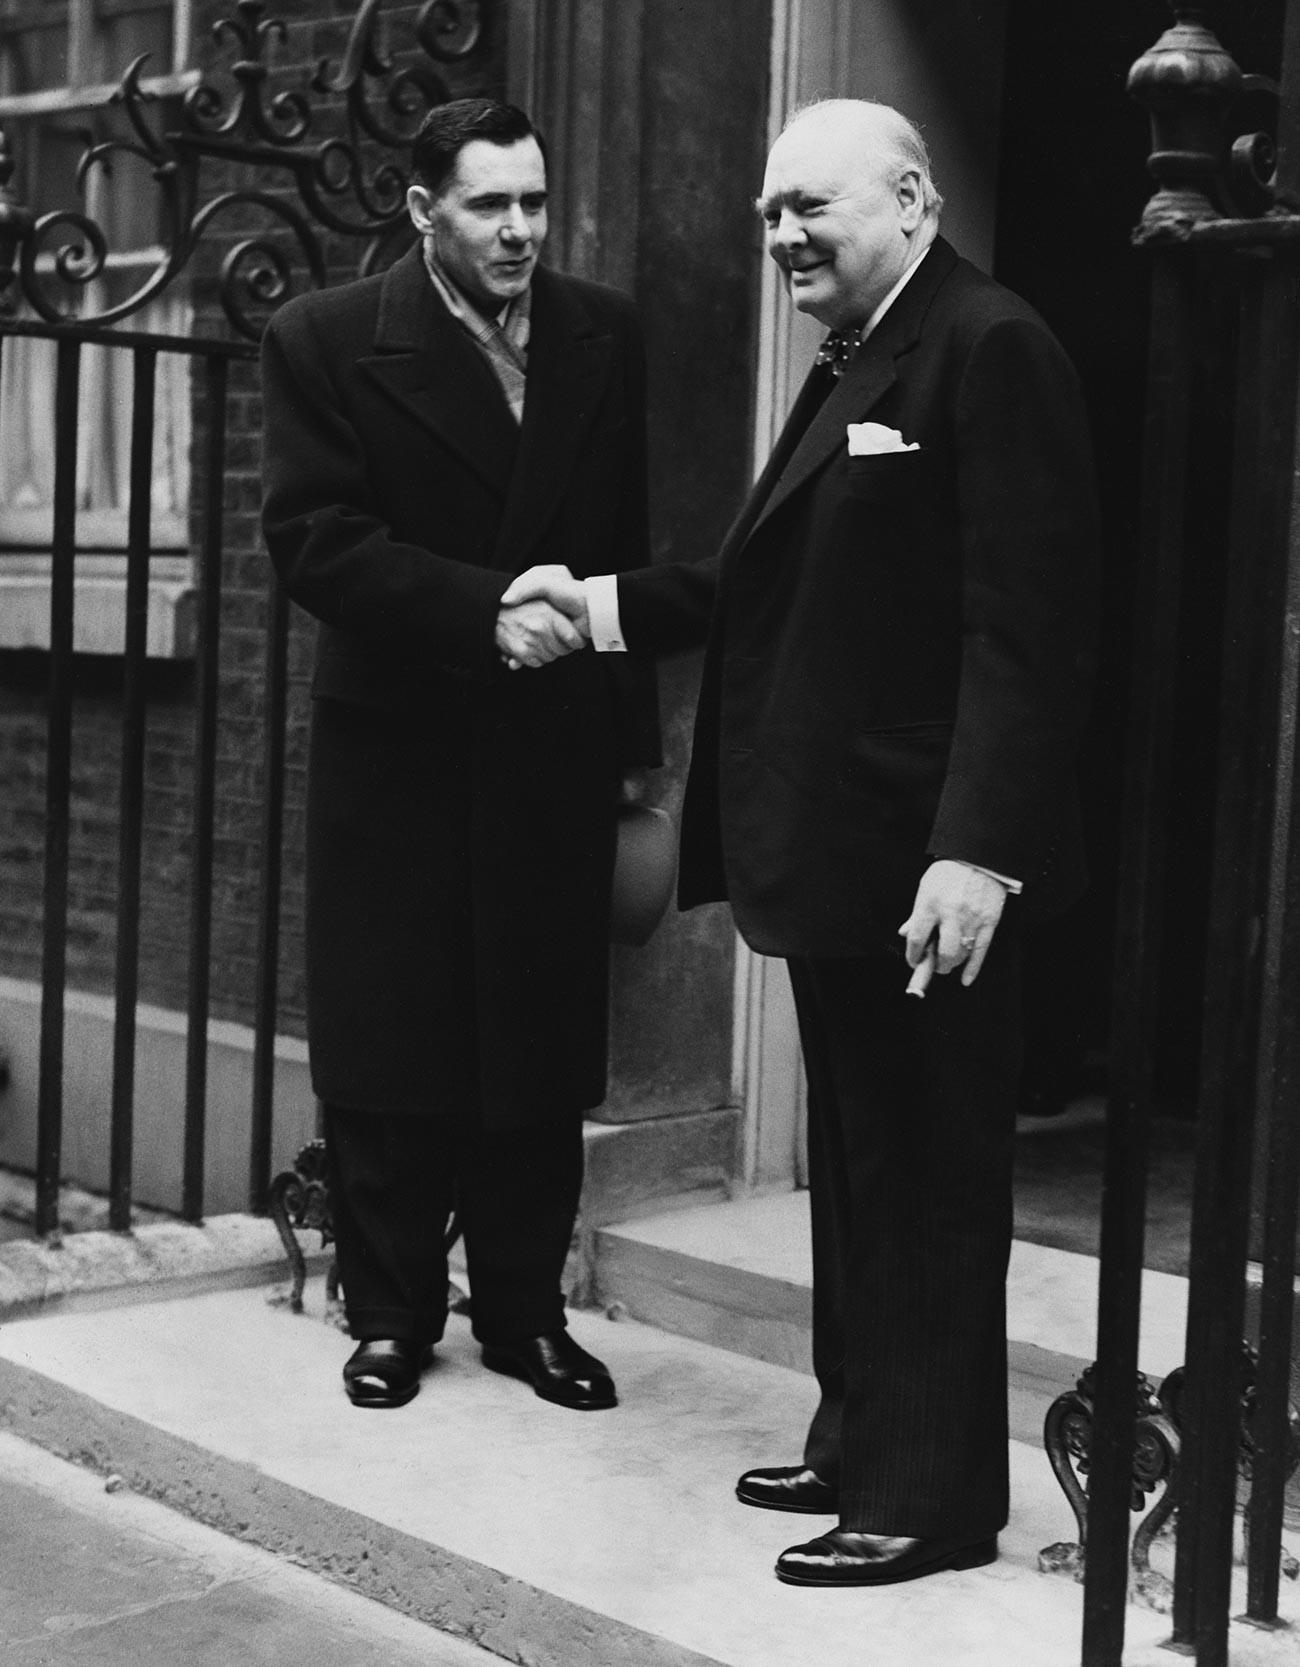 AndreïGromykoet Winston Churchill